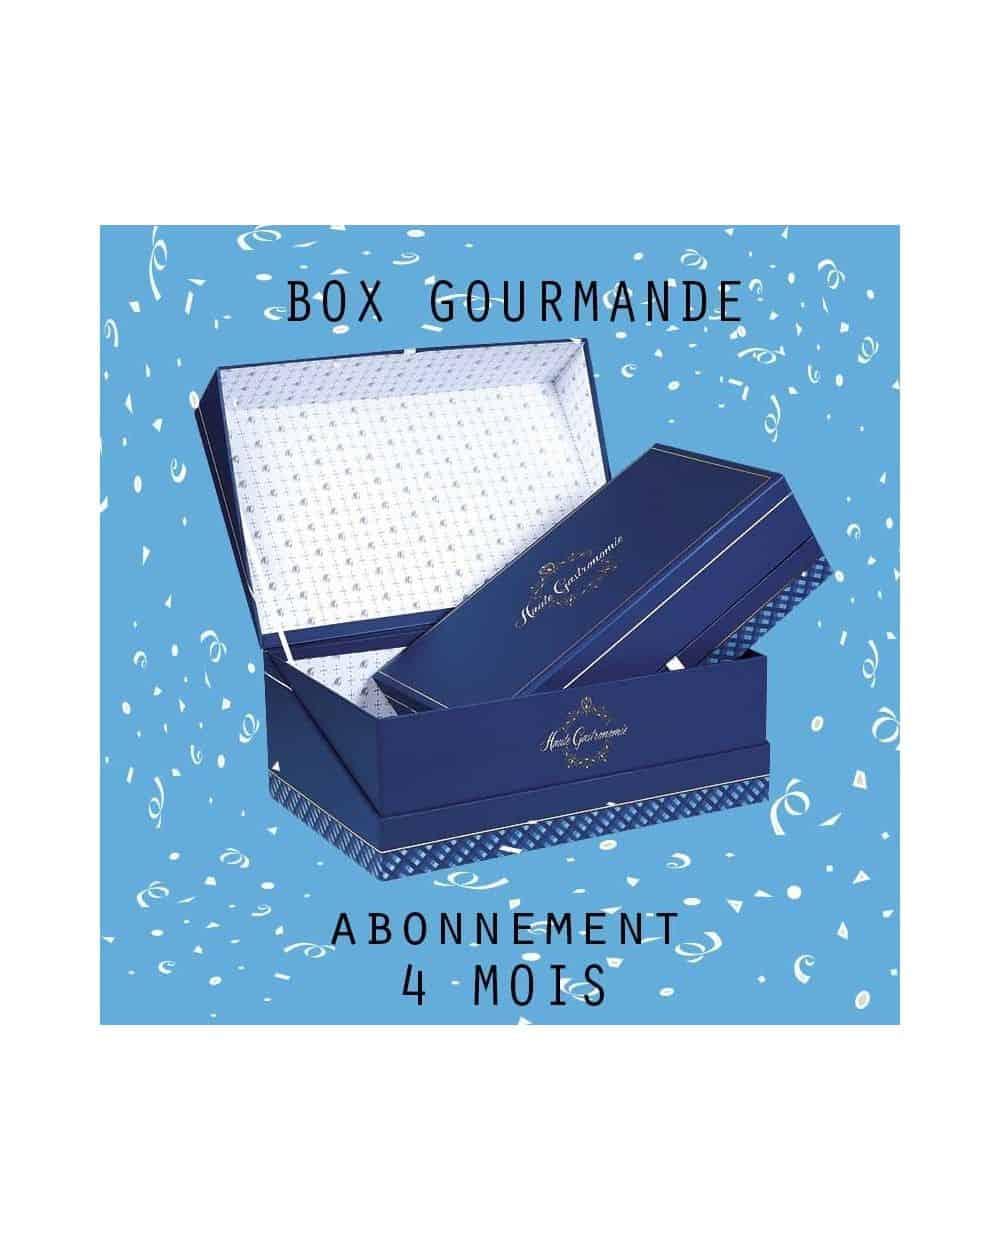 ABONNEMENT BOX GOURMANDE 50€